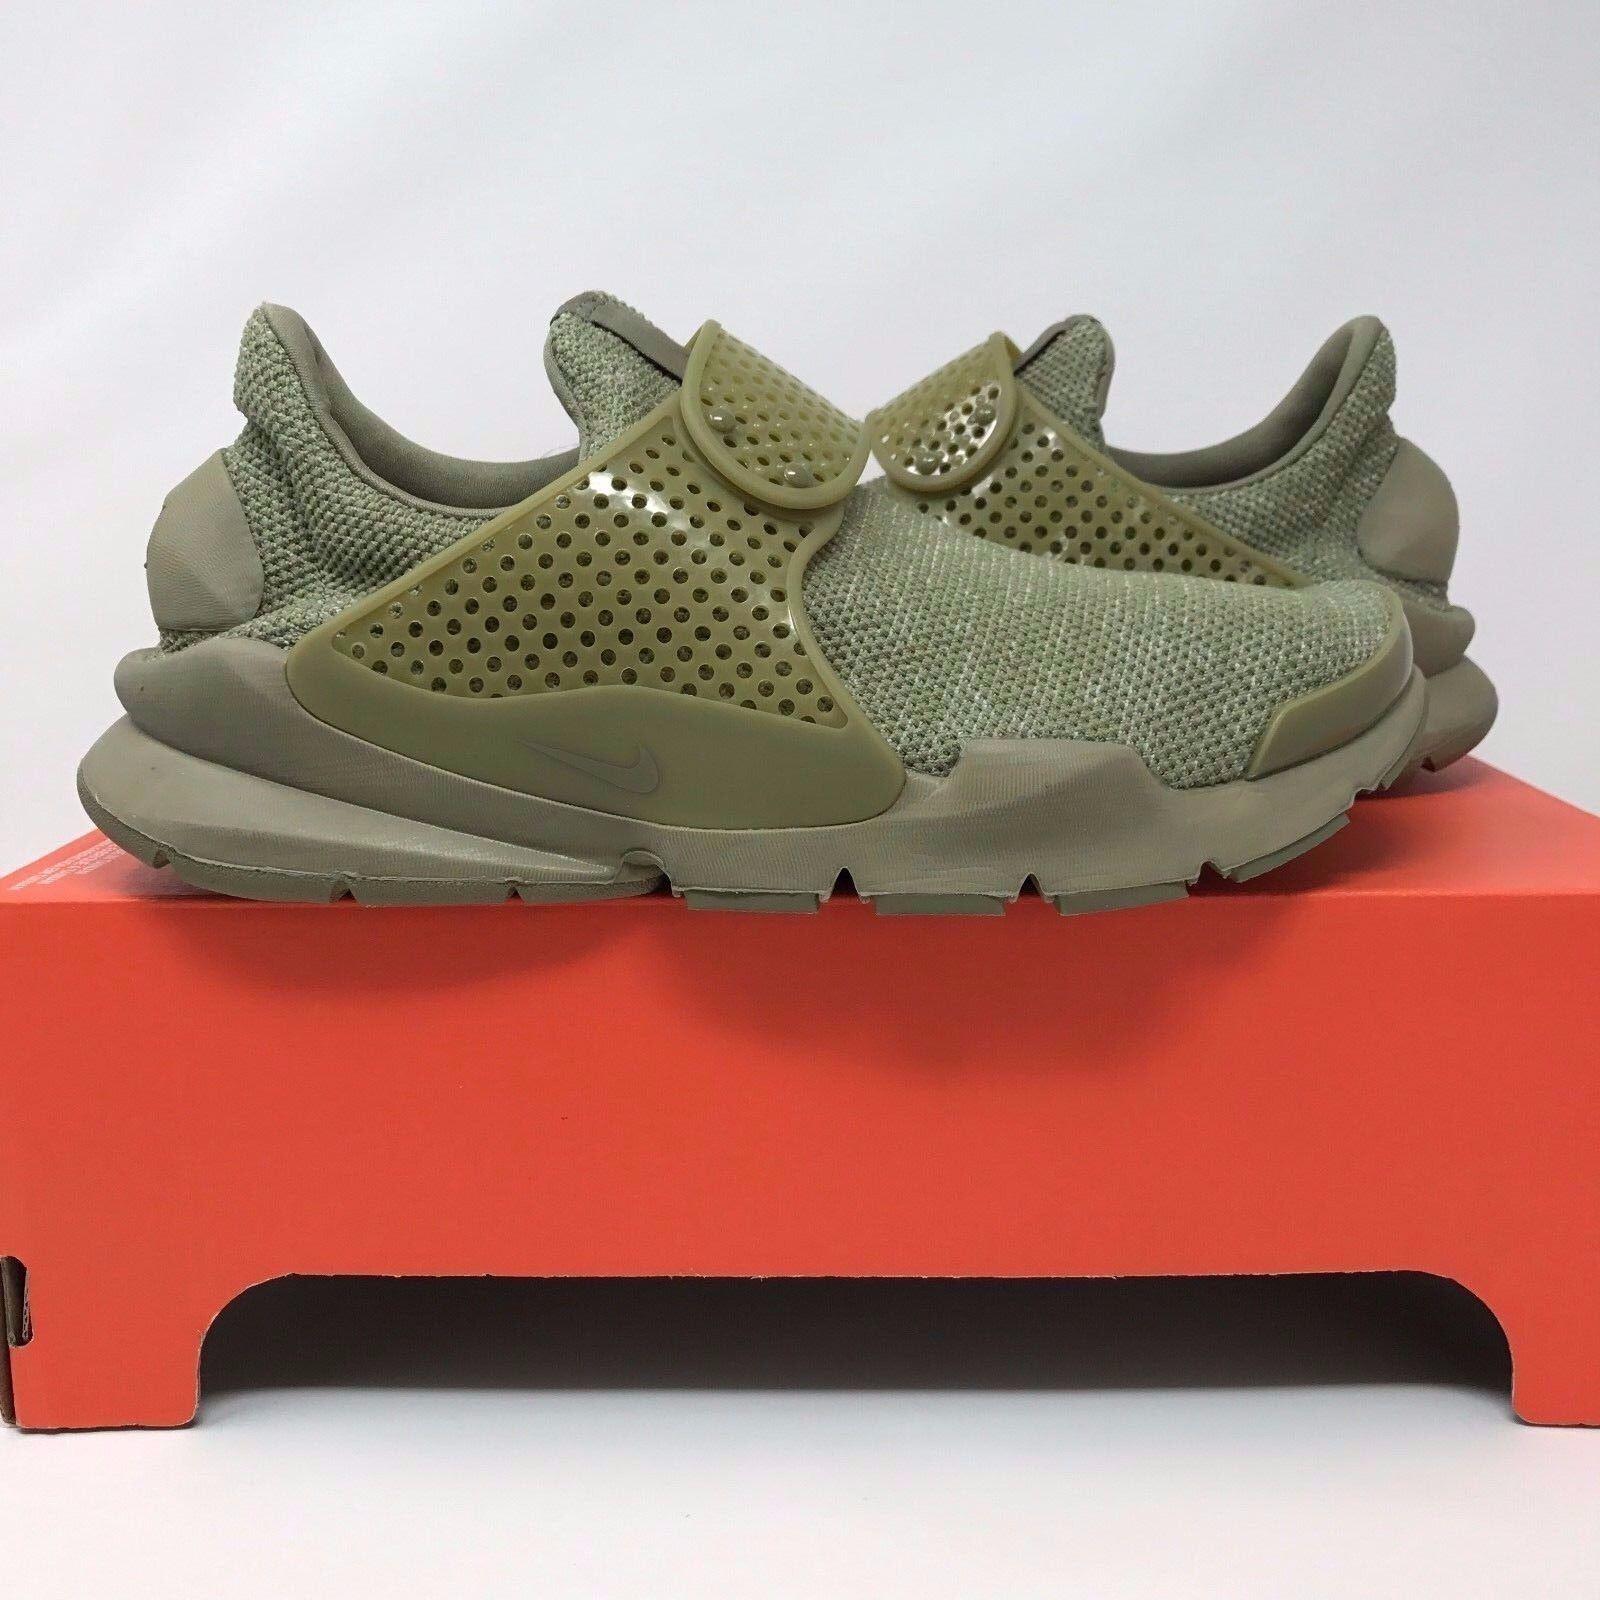 Nike br sock dardo respirare soldato verde oliva 909551-200 - br Nike presto flyknit nmd og f2521b